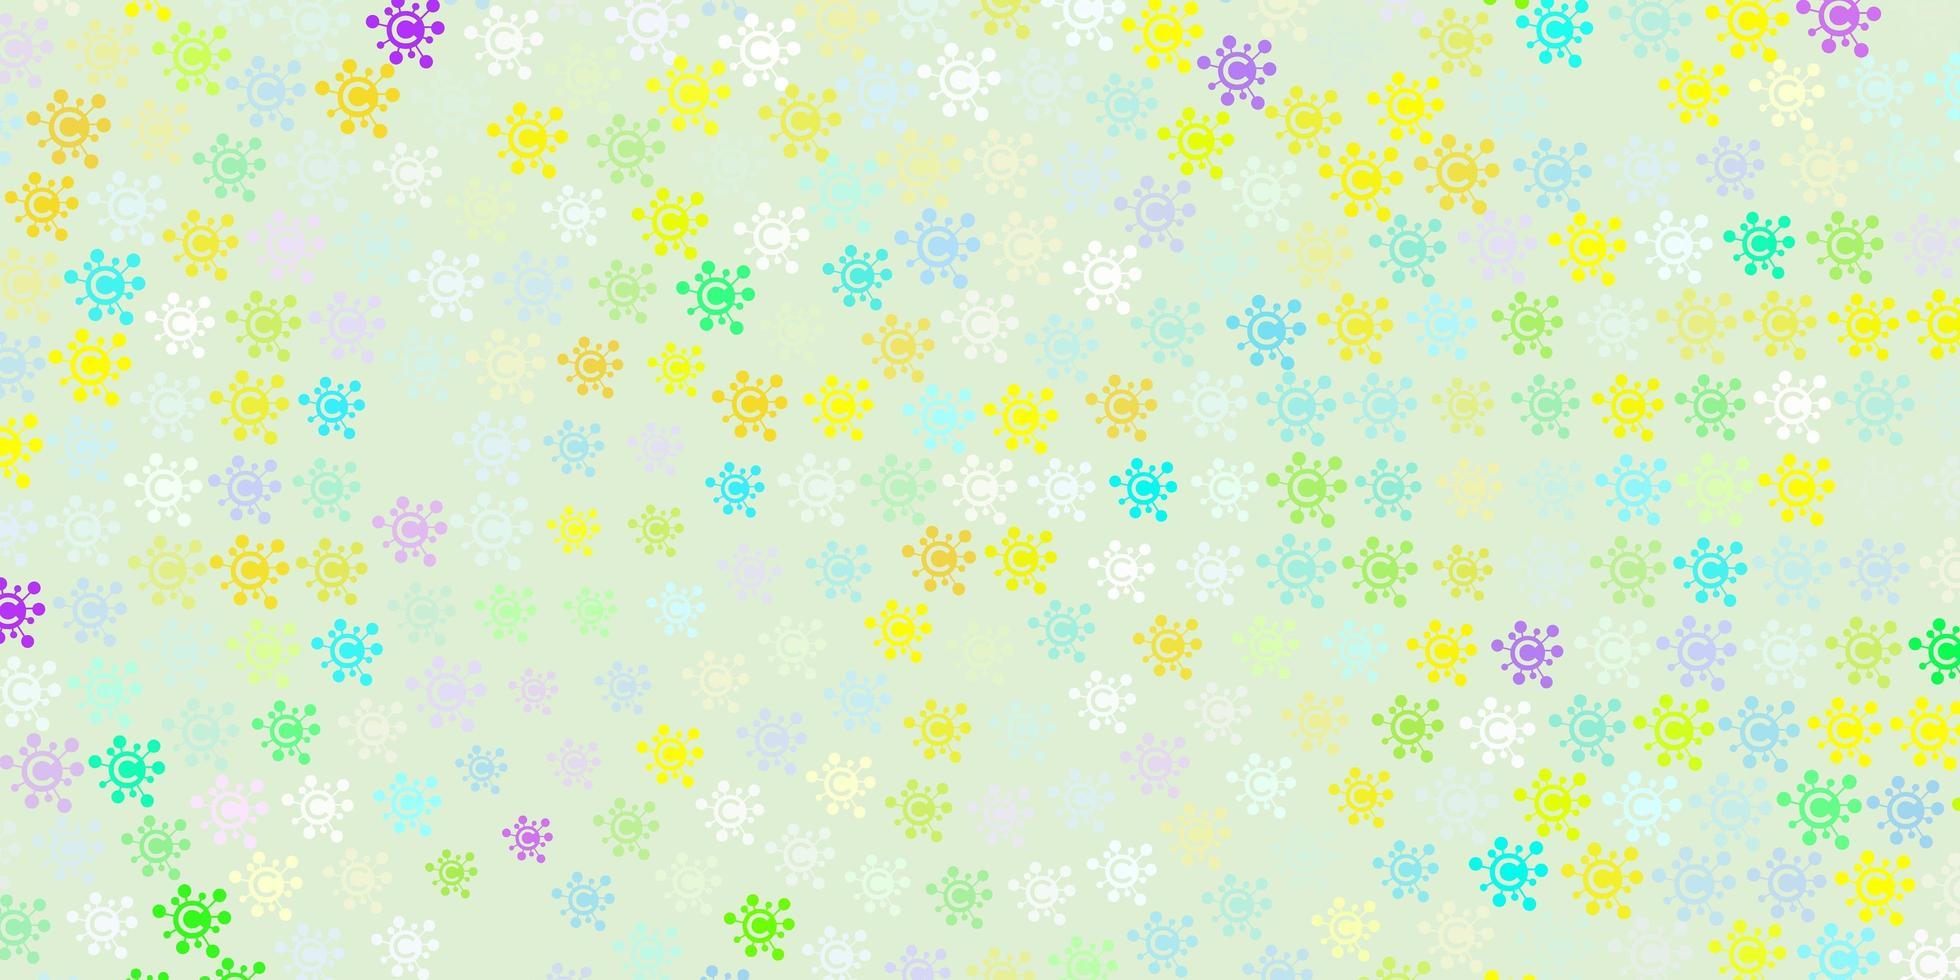 sfondo vettoriale multicolore chiaro con simboli covid-19